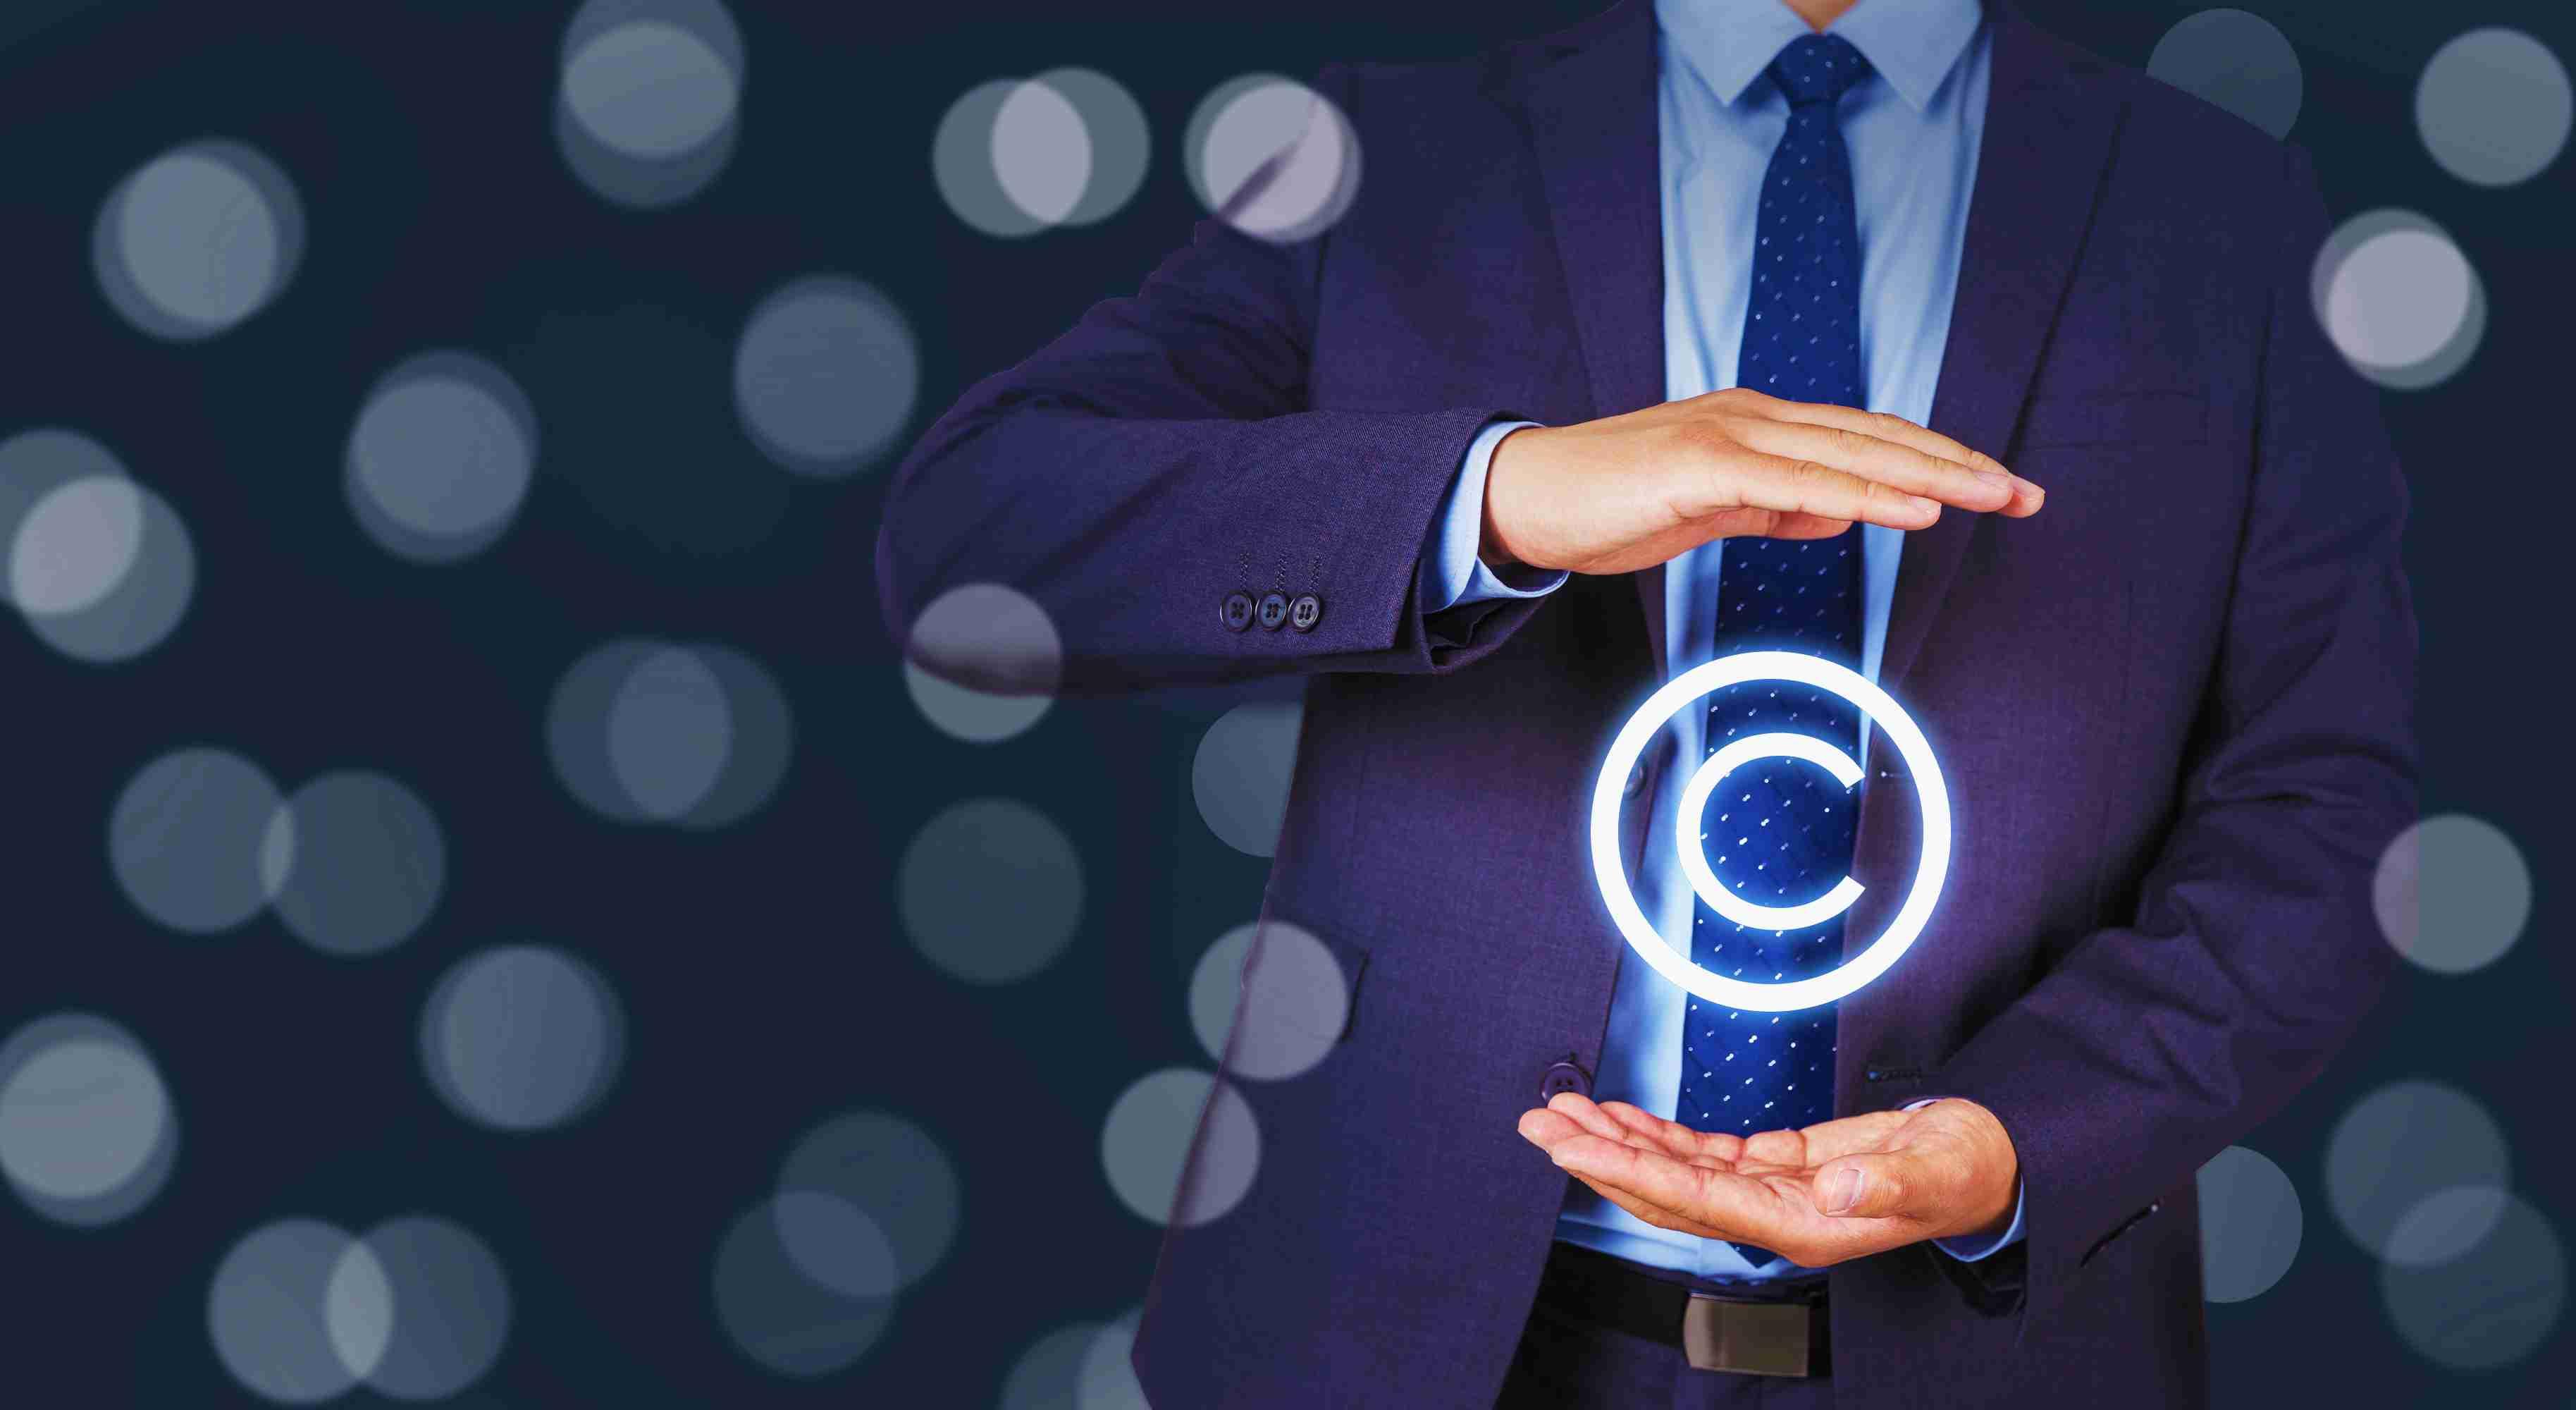 商业秘密被员工泄露企业该怎么应对?